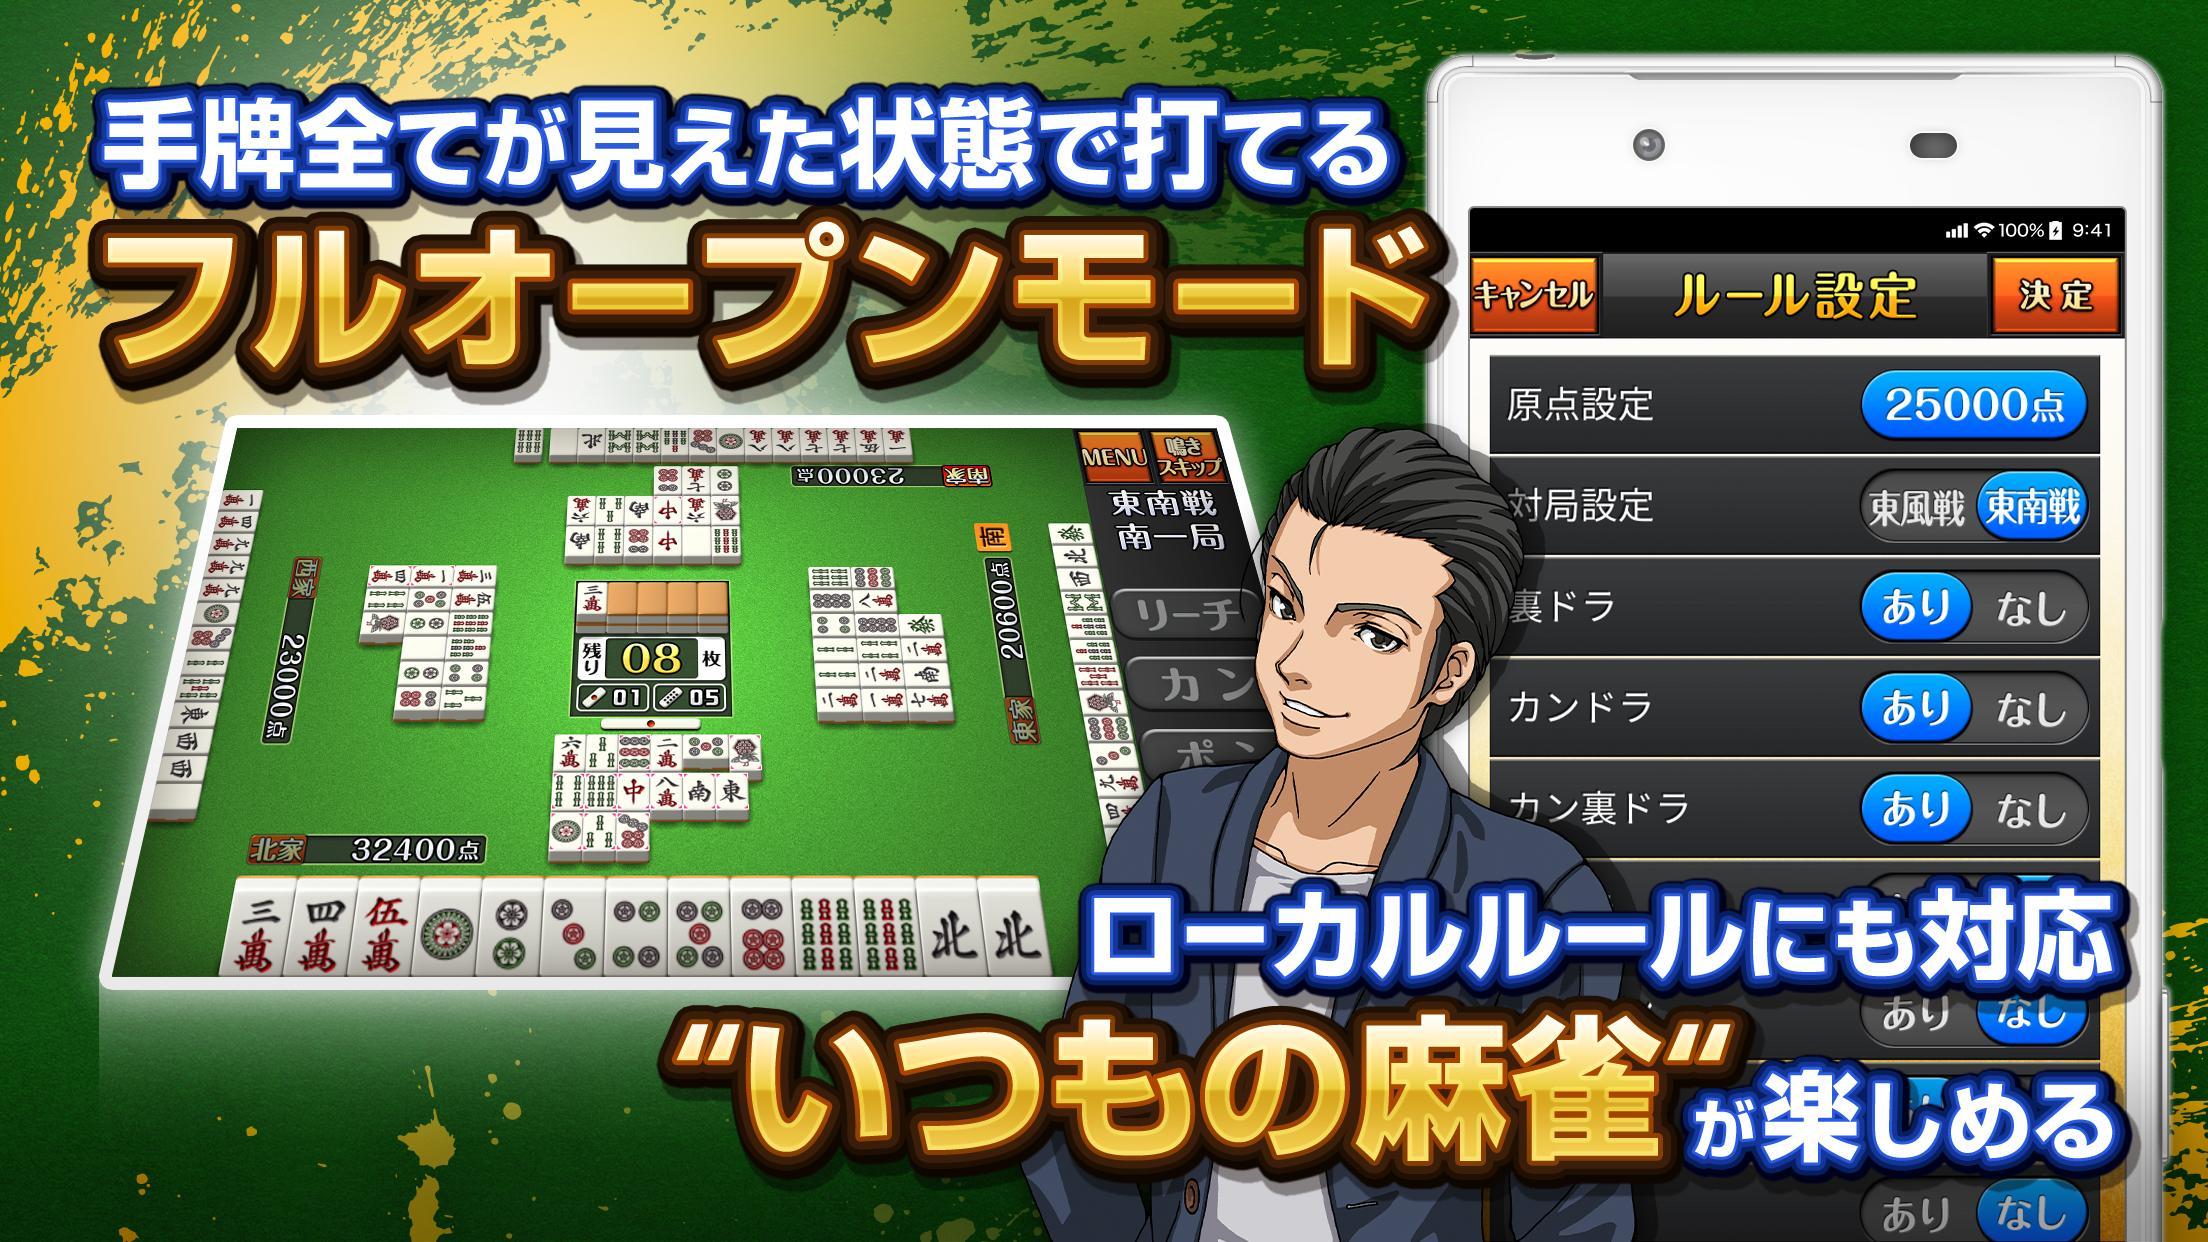 みんなの麻雀 初心者も強くなれるランキング戦が楽しい本格麻雀【無料】 1.1.12 Screenshot 9